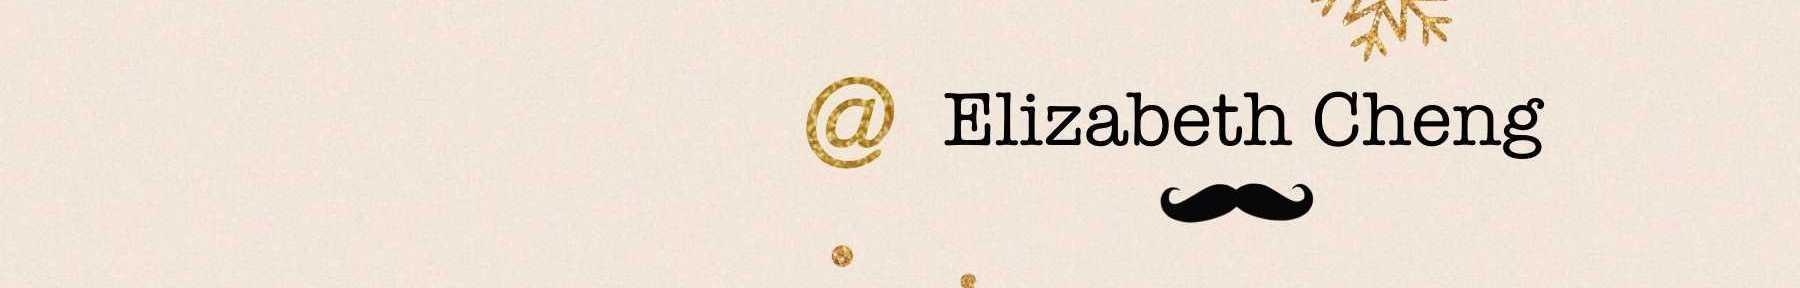 Elizabeth_Cheng banner